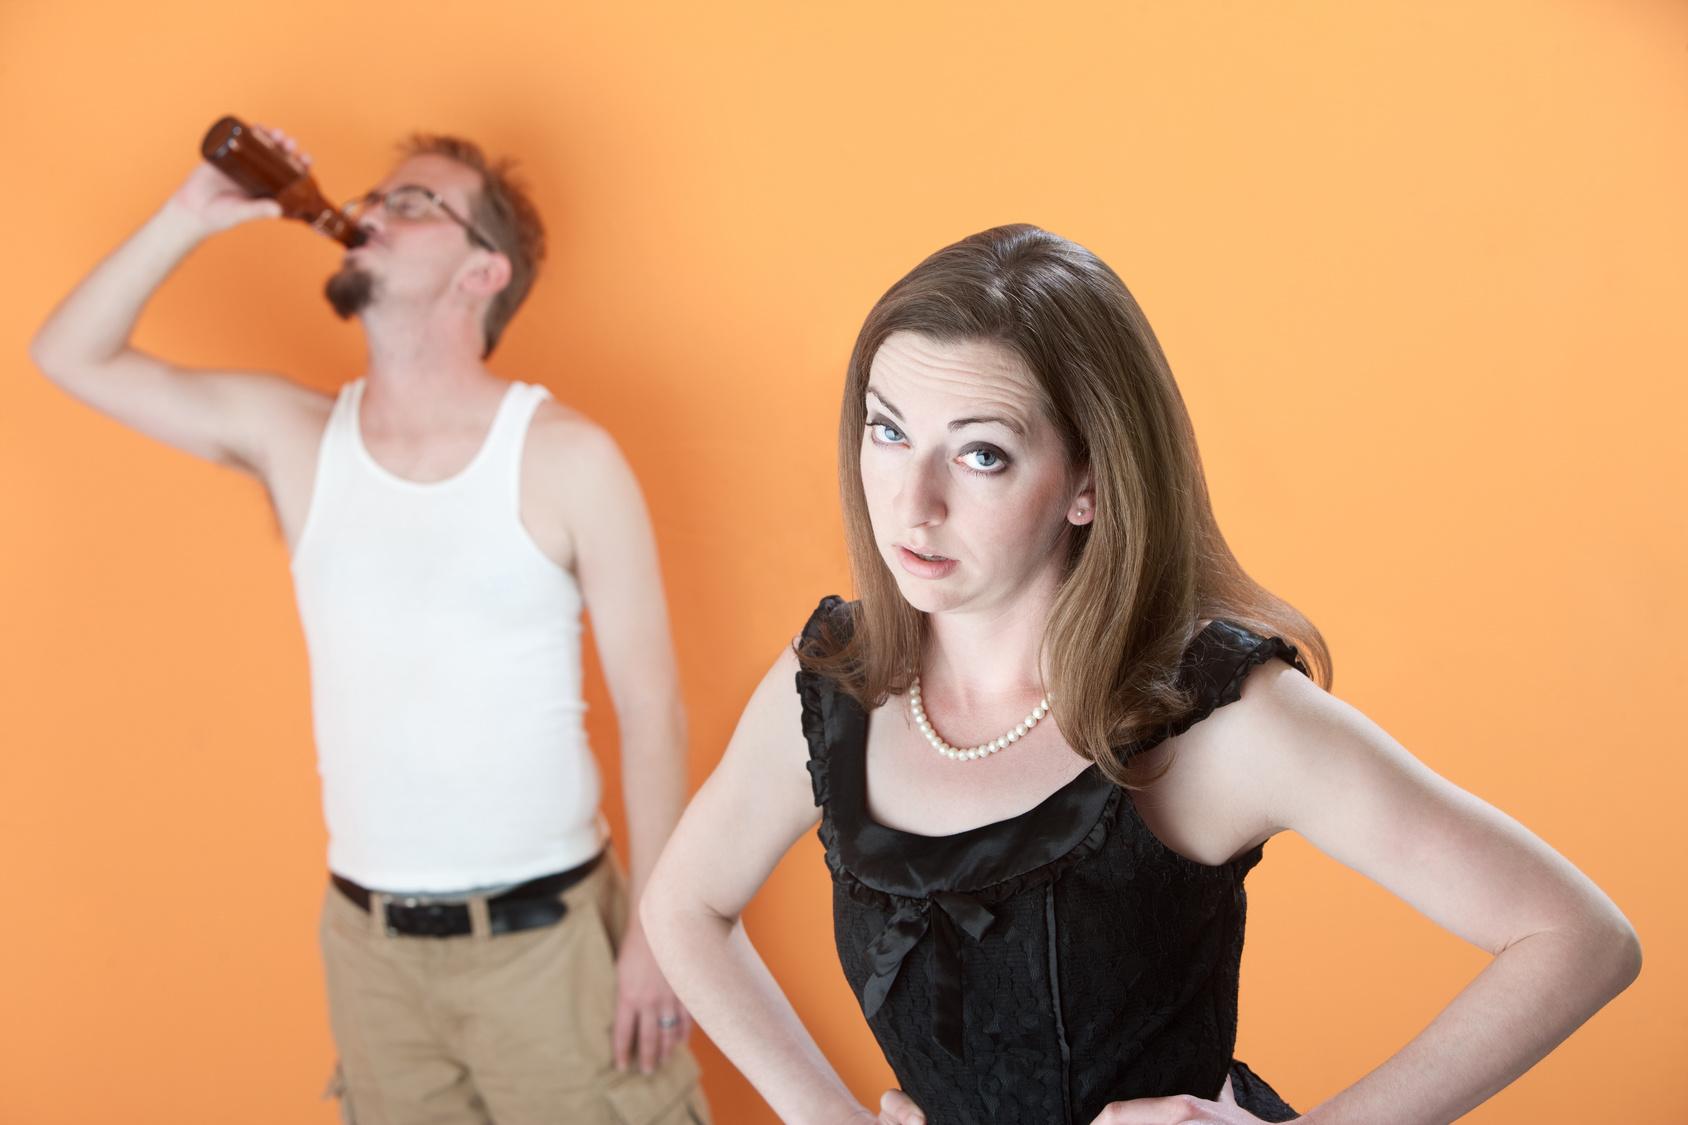 Как сделать чтобы муж народными средствами не пил